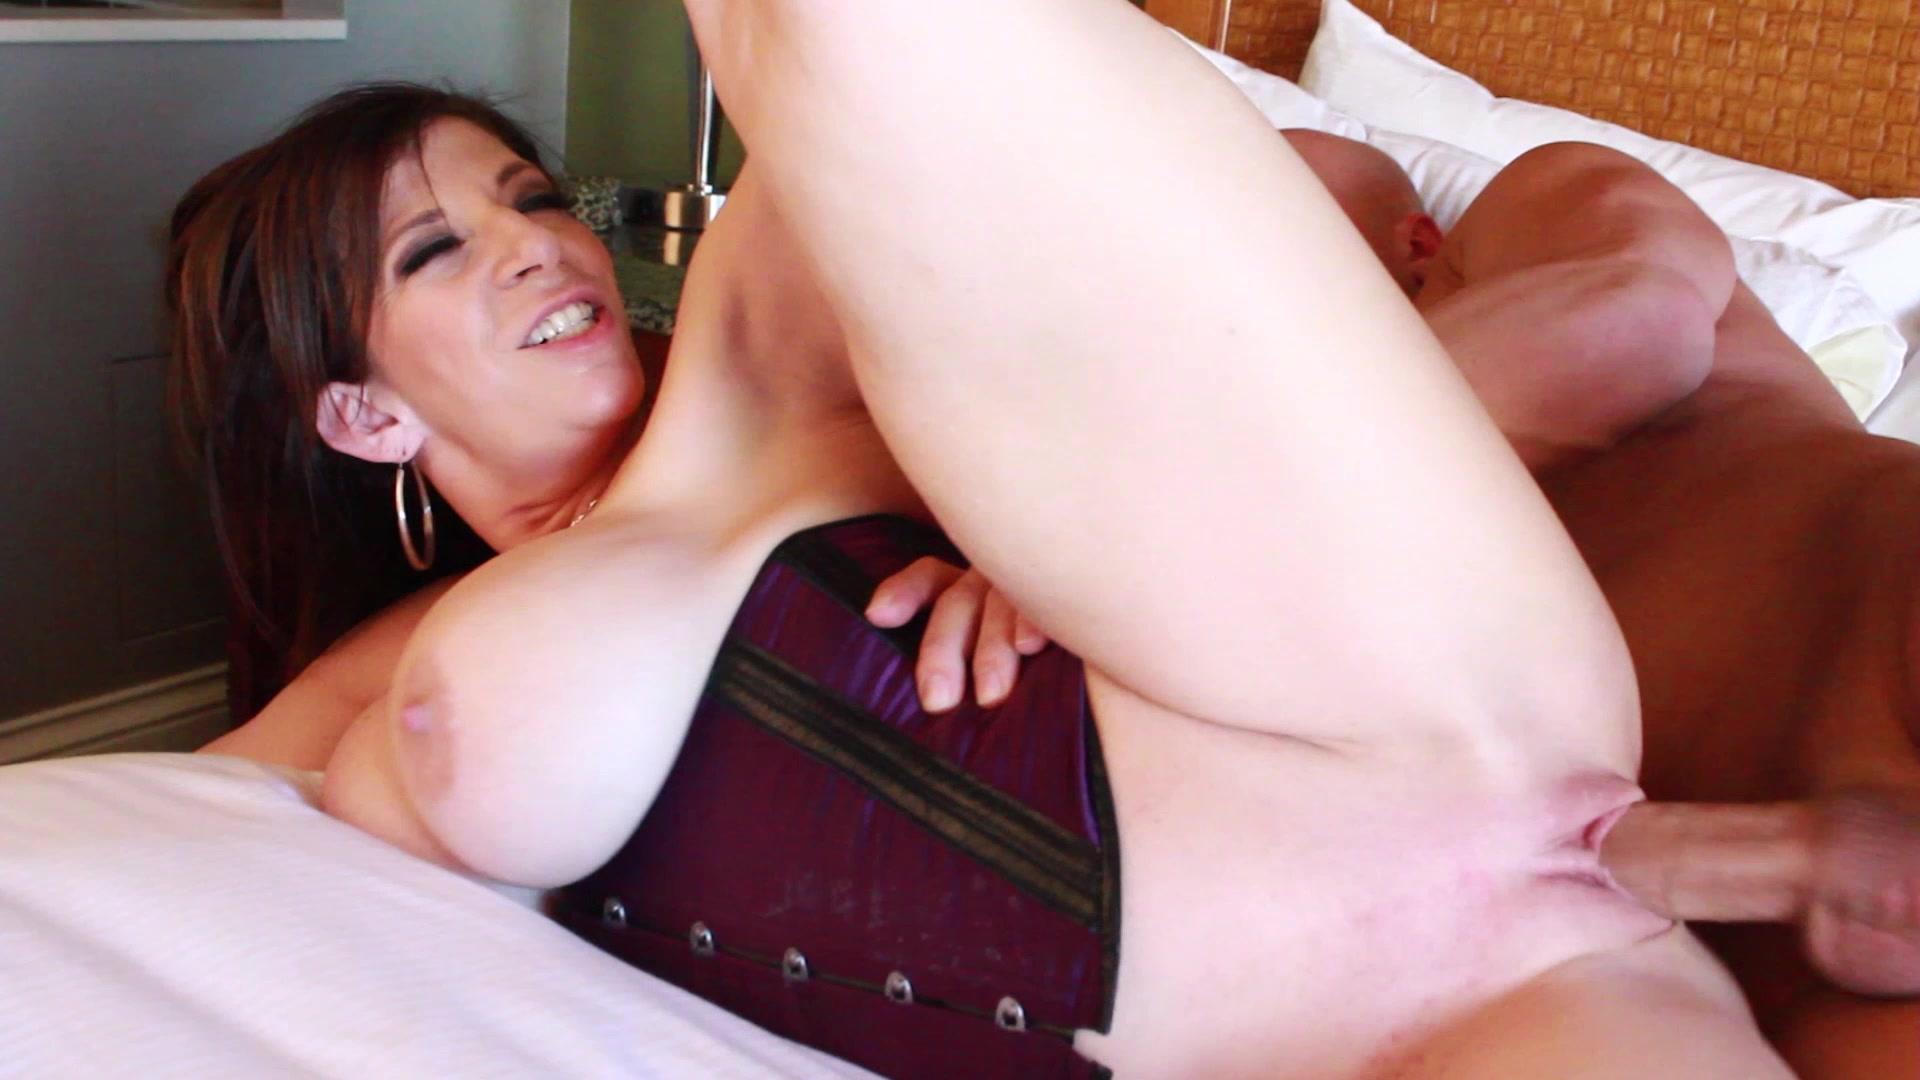 Lesbian strapon porn hd-5727